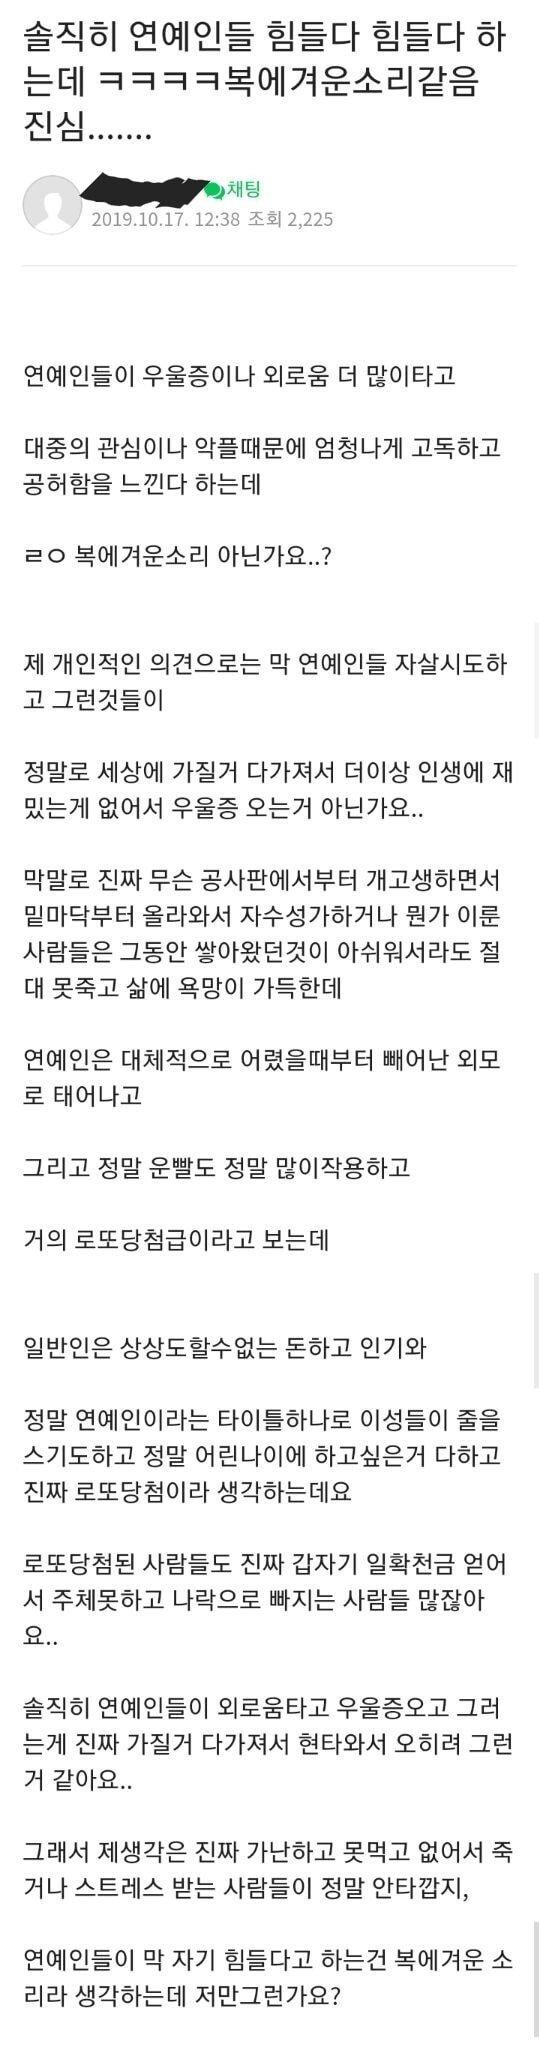 Screenshot_20191018-140828_Naver Cafe-1.jpg 설리의 죽음후 한 커뮤니티에 올라온글....jpg